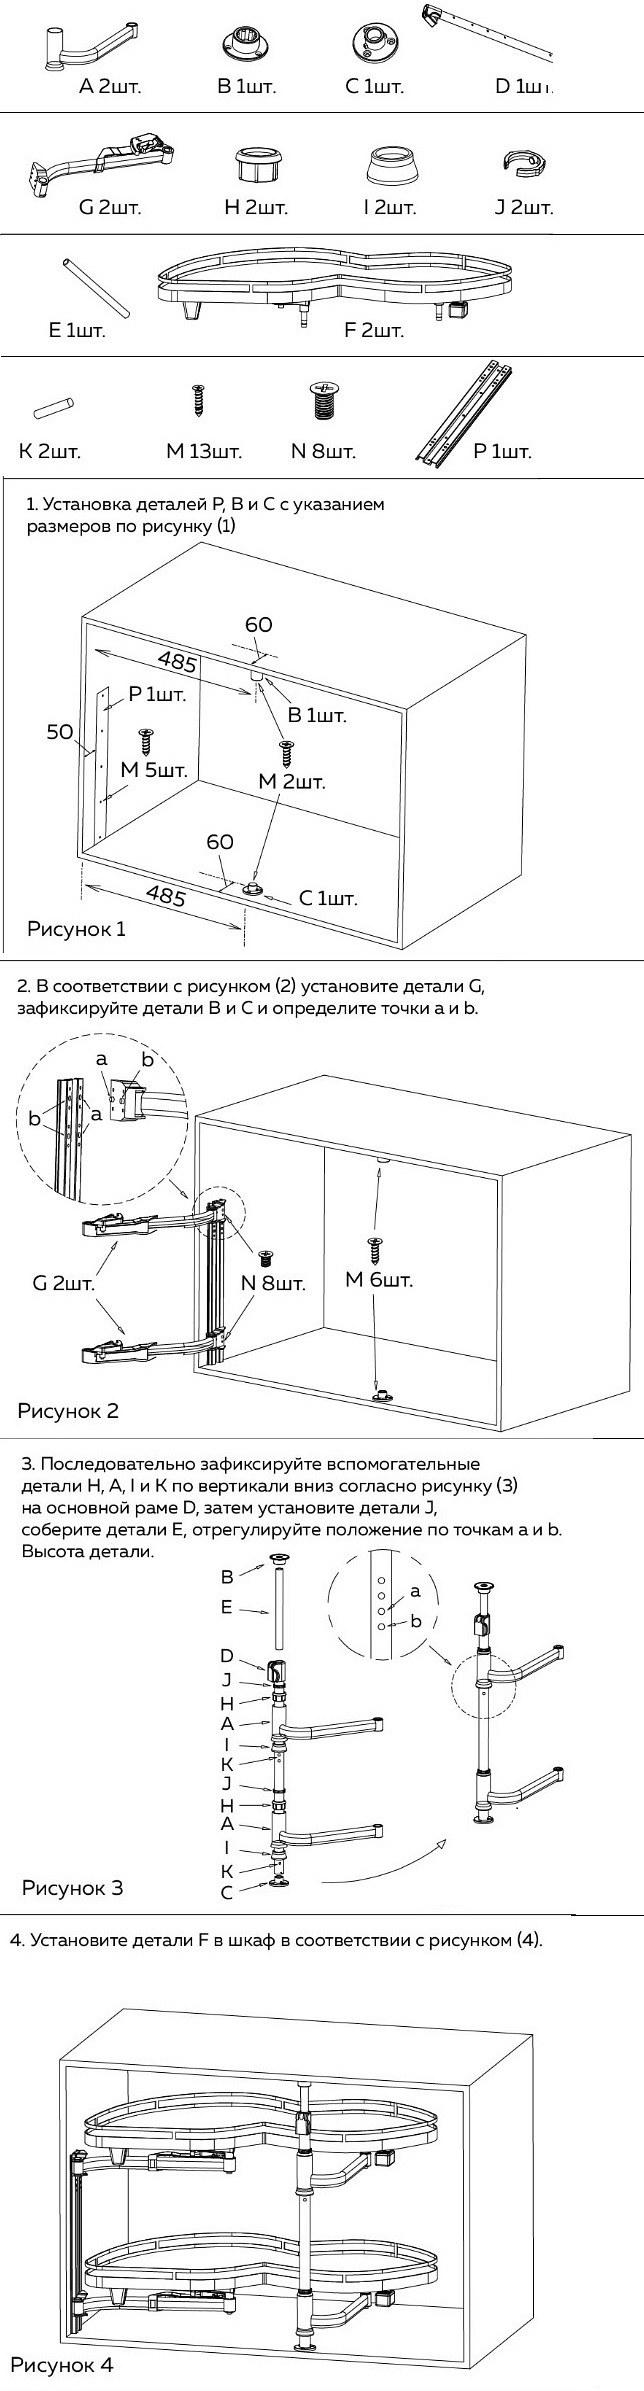 Инструкция и схема по монтажу поворотной корзины - волшебного карусельного угла